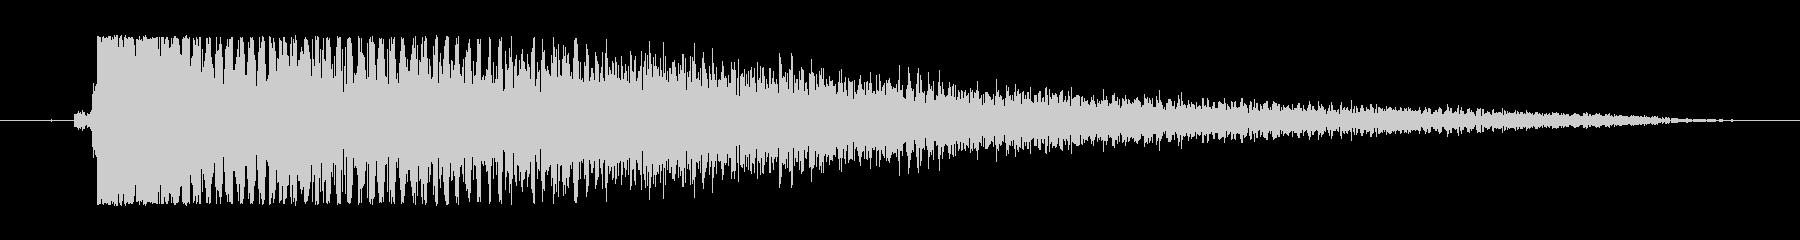 ががーん。(ピアノ)の未再生の波形